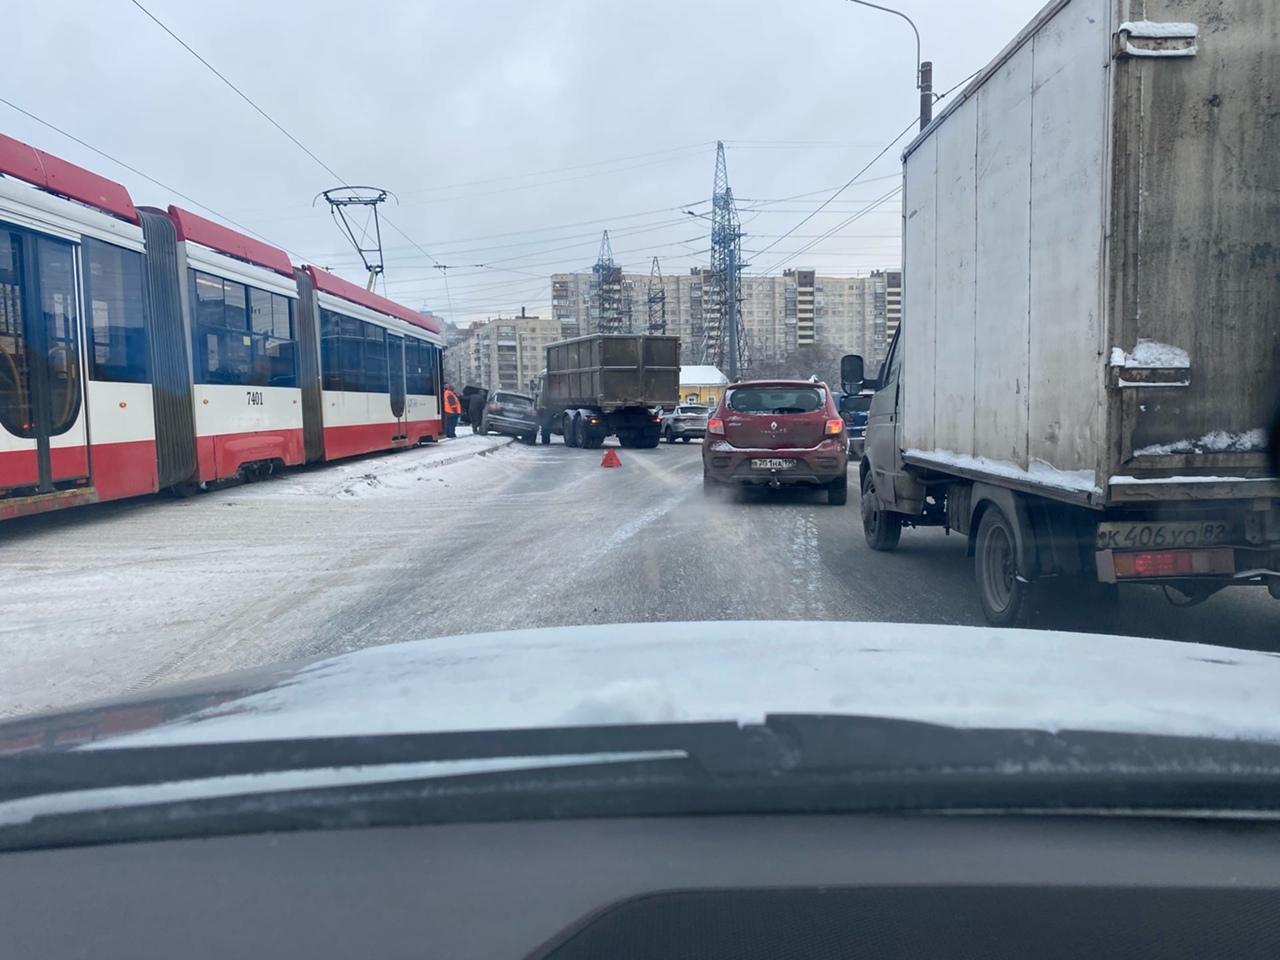 Audi и пухтовоз столкнулись на Ириновском. Скоро будет пробка. Трамваям тоже не проехать.